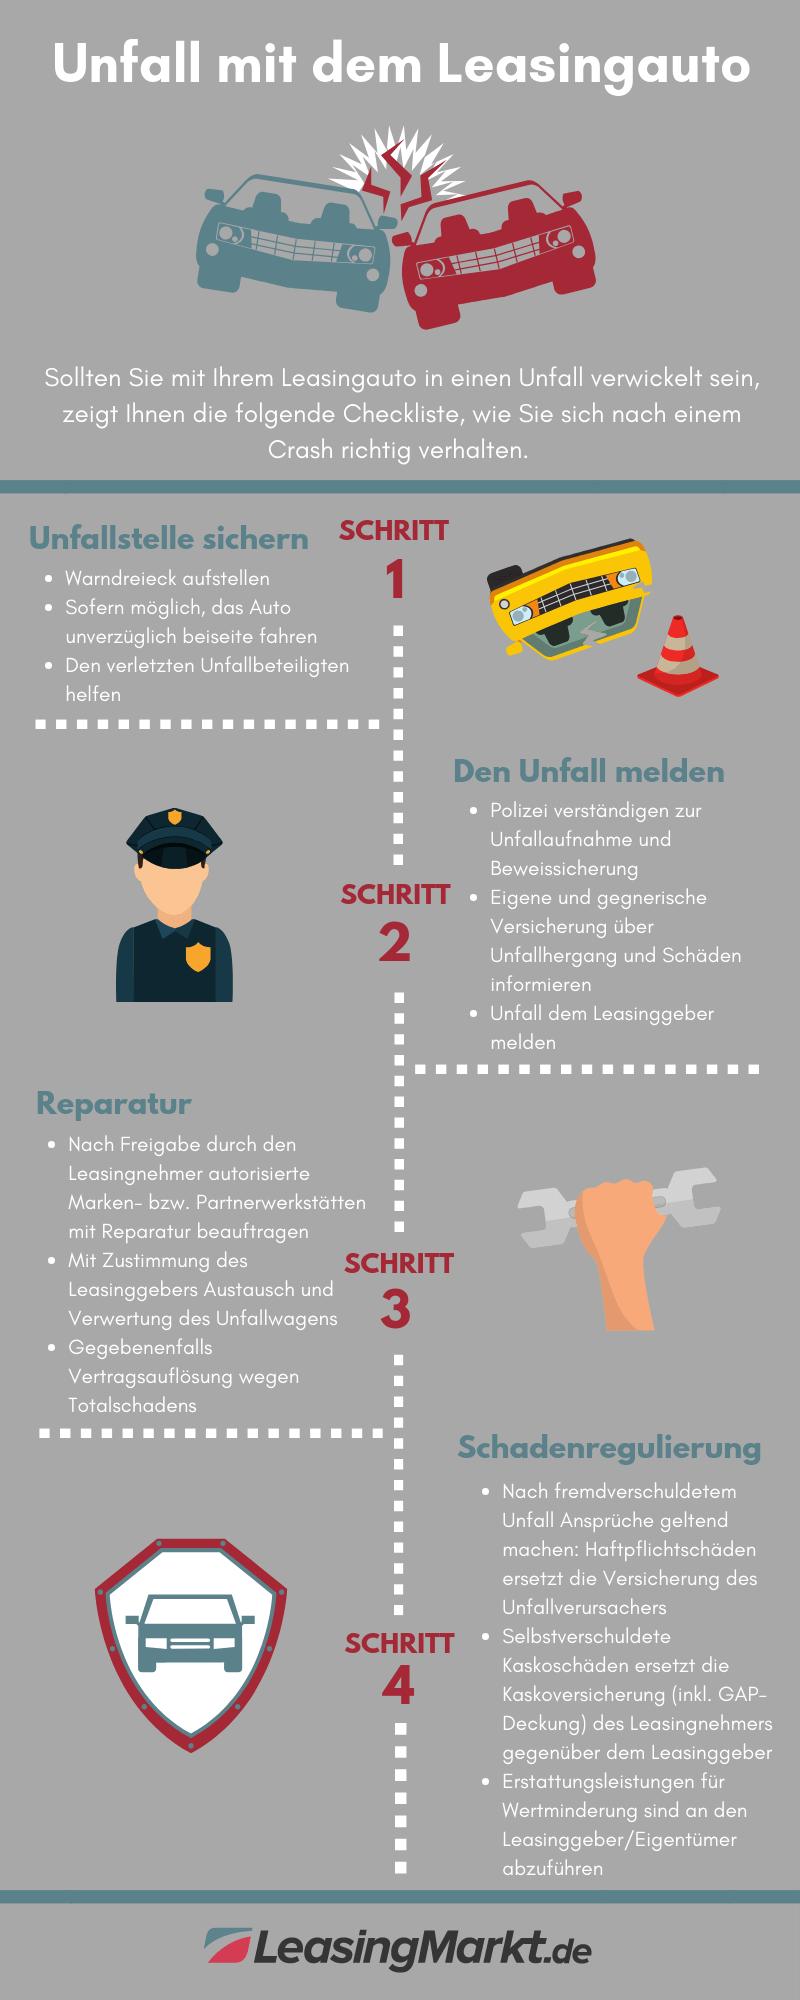 infografik unfall mit leasingwagen